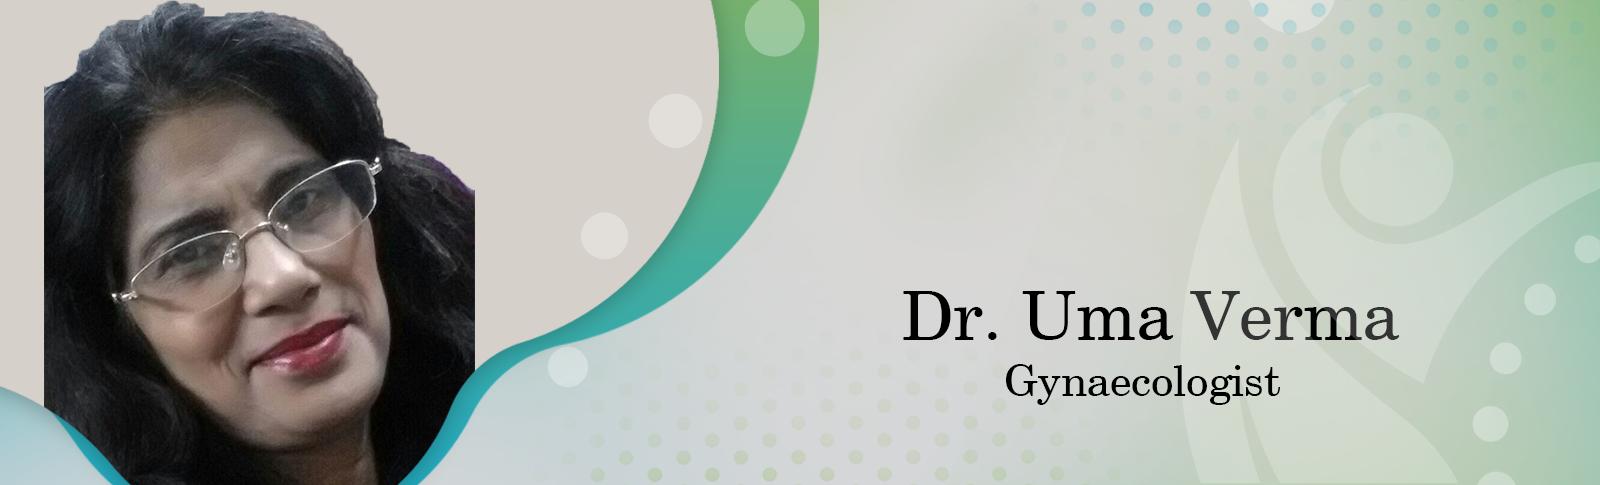 Dr. Uma Verma